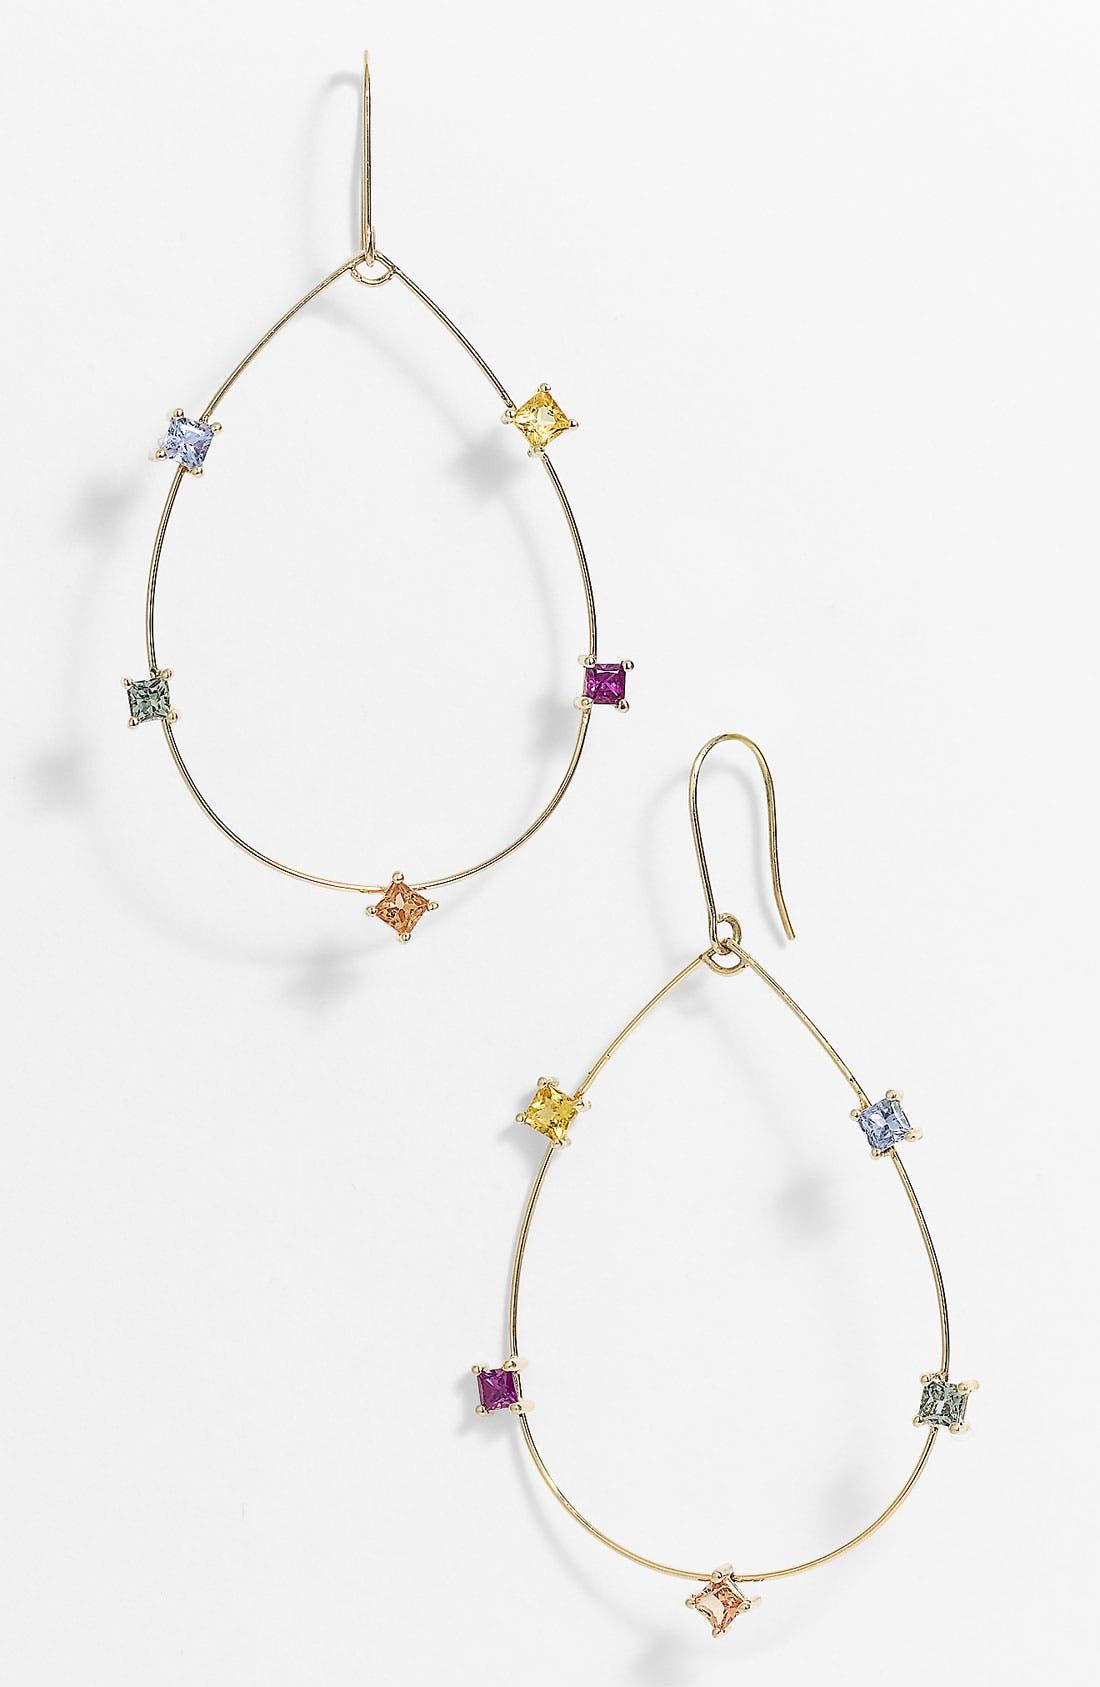 Main Image - Lana Jewelry Small Ombré Hoop Drop Earrings